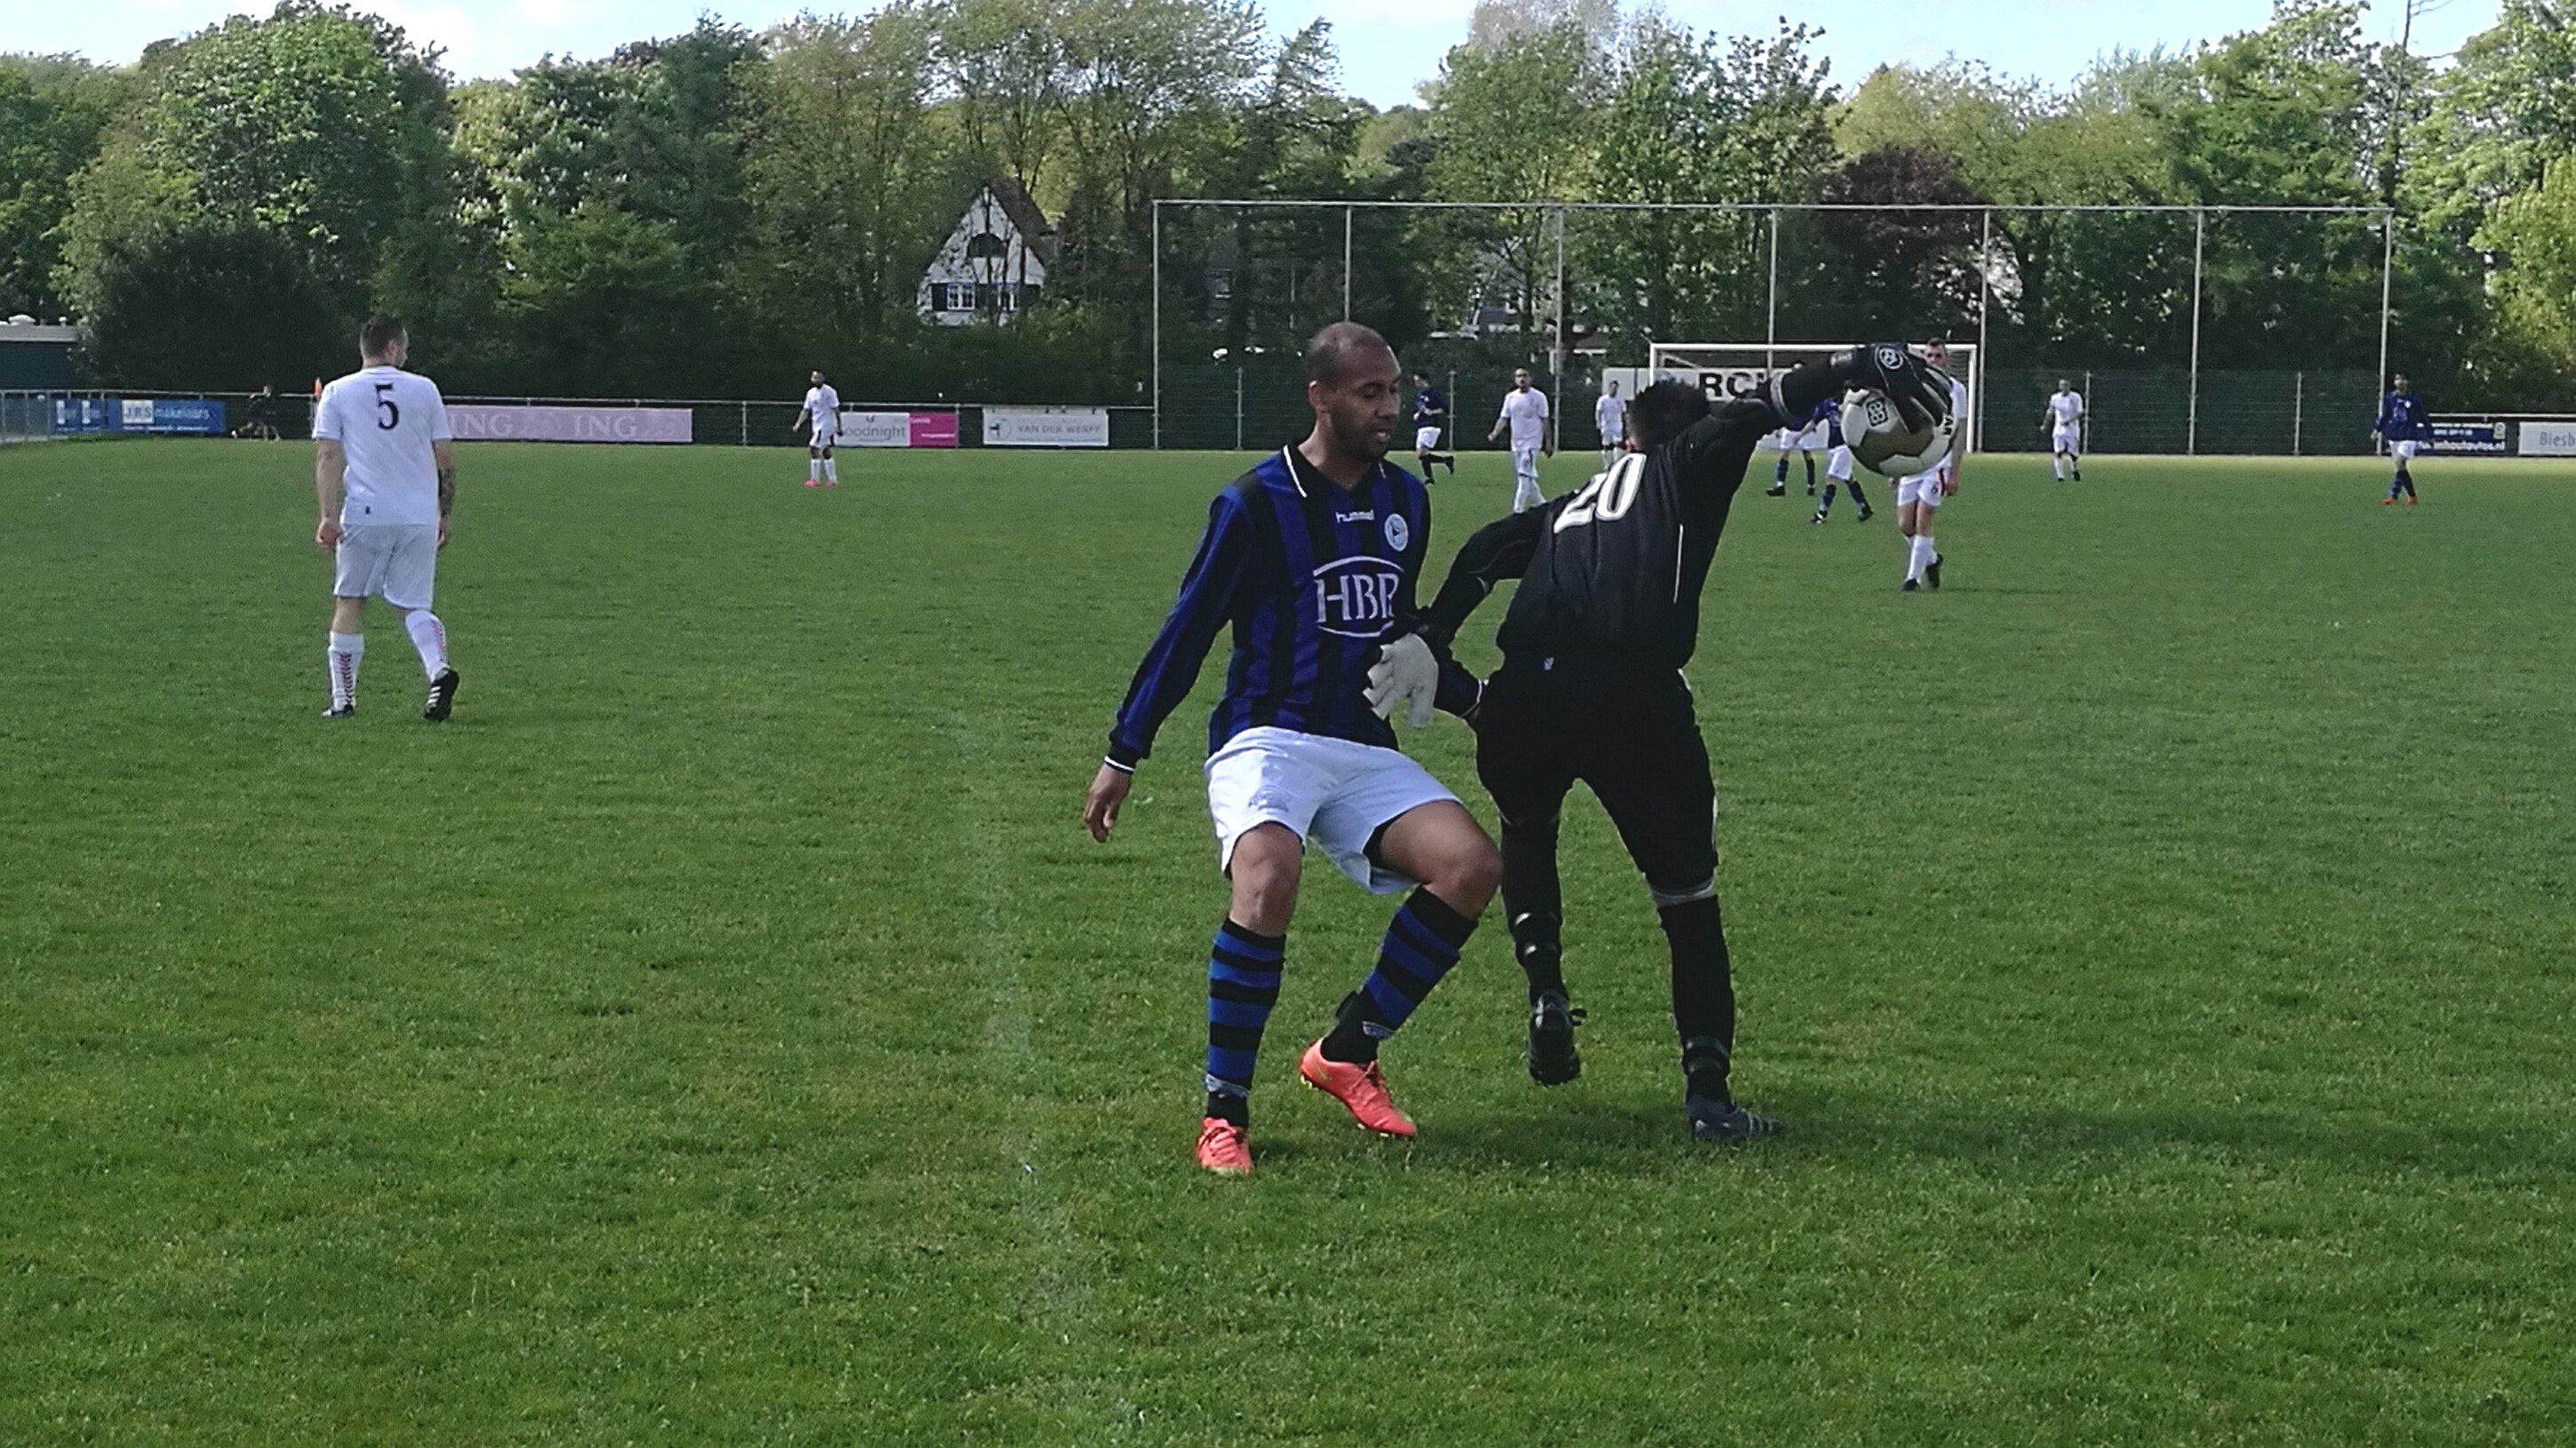 RCH - DIO - Voetbal in Haarlem